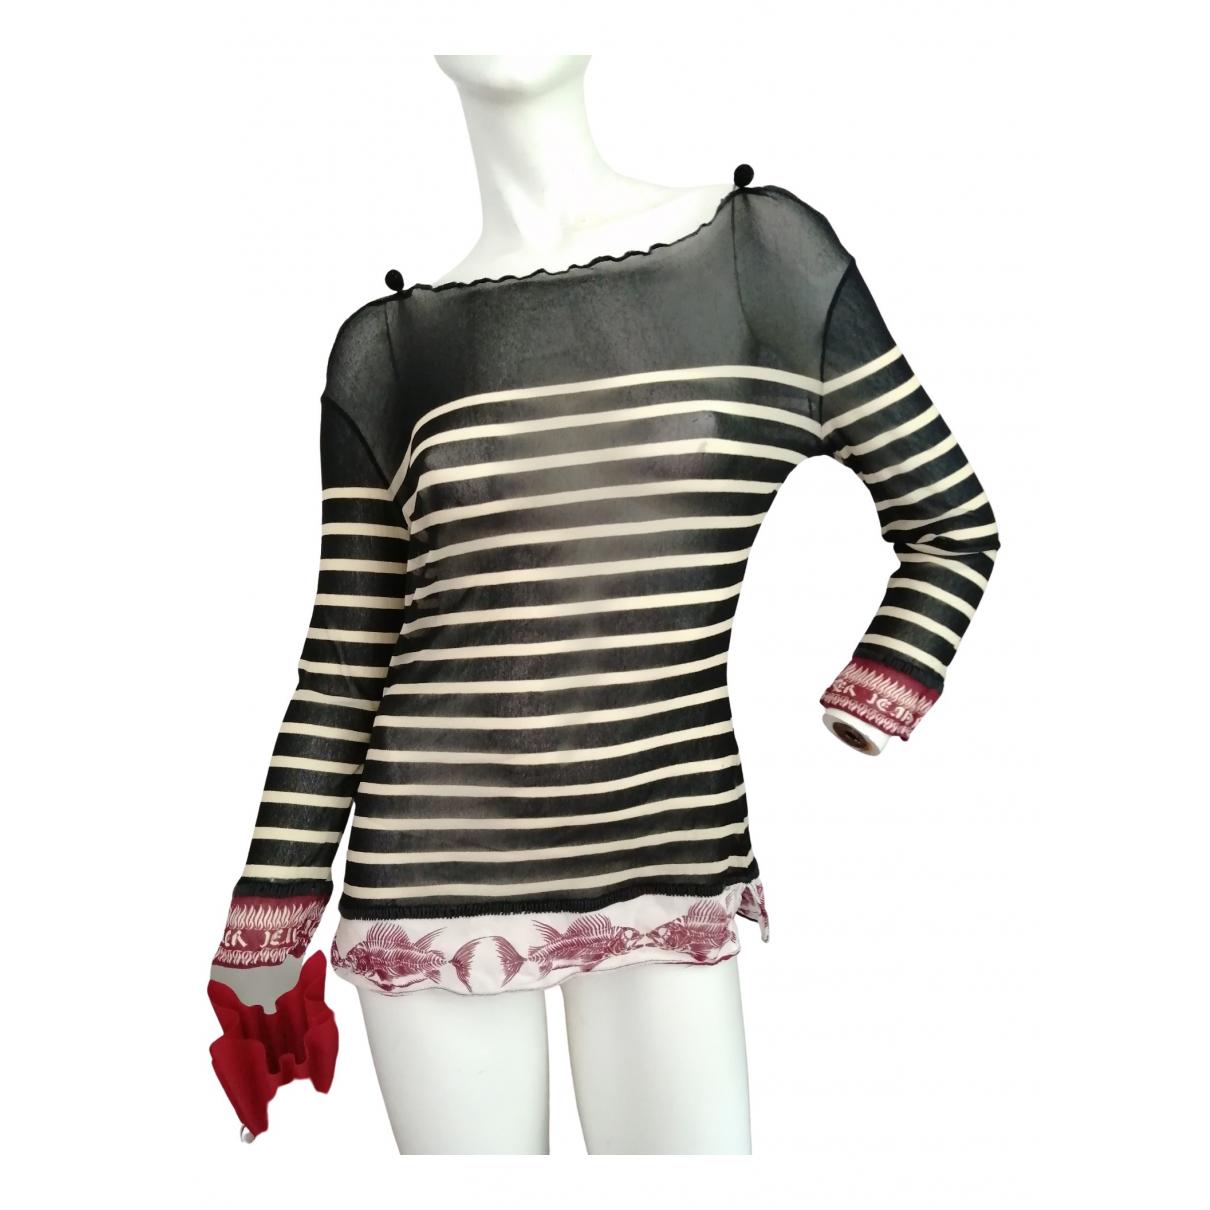 Camiseta de tirantes Jean Paul Gaultier